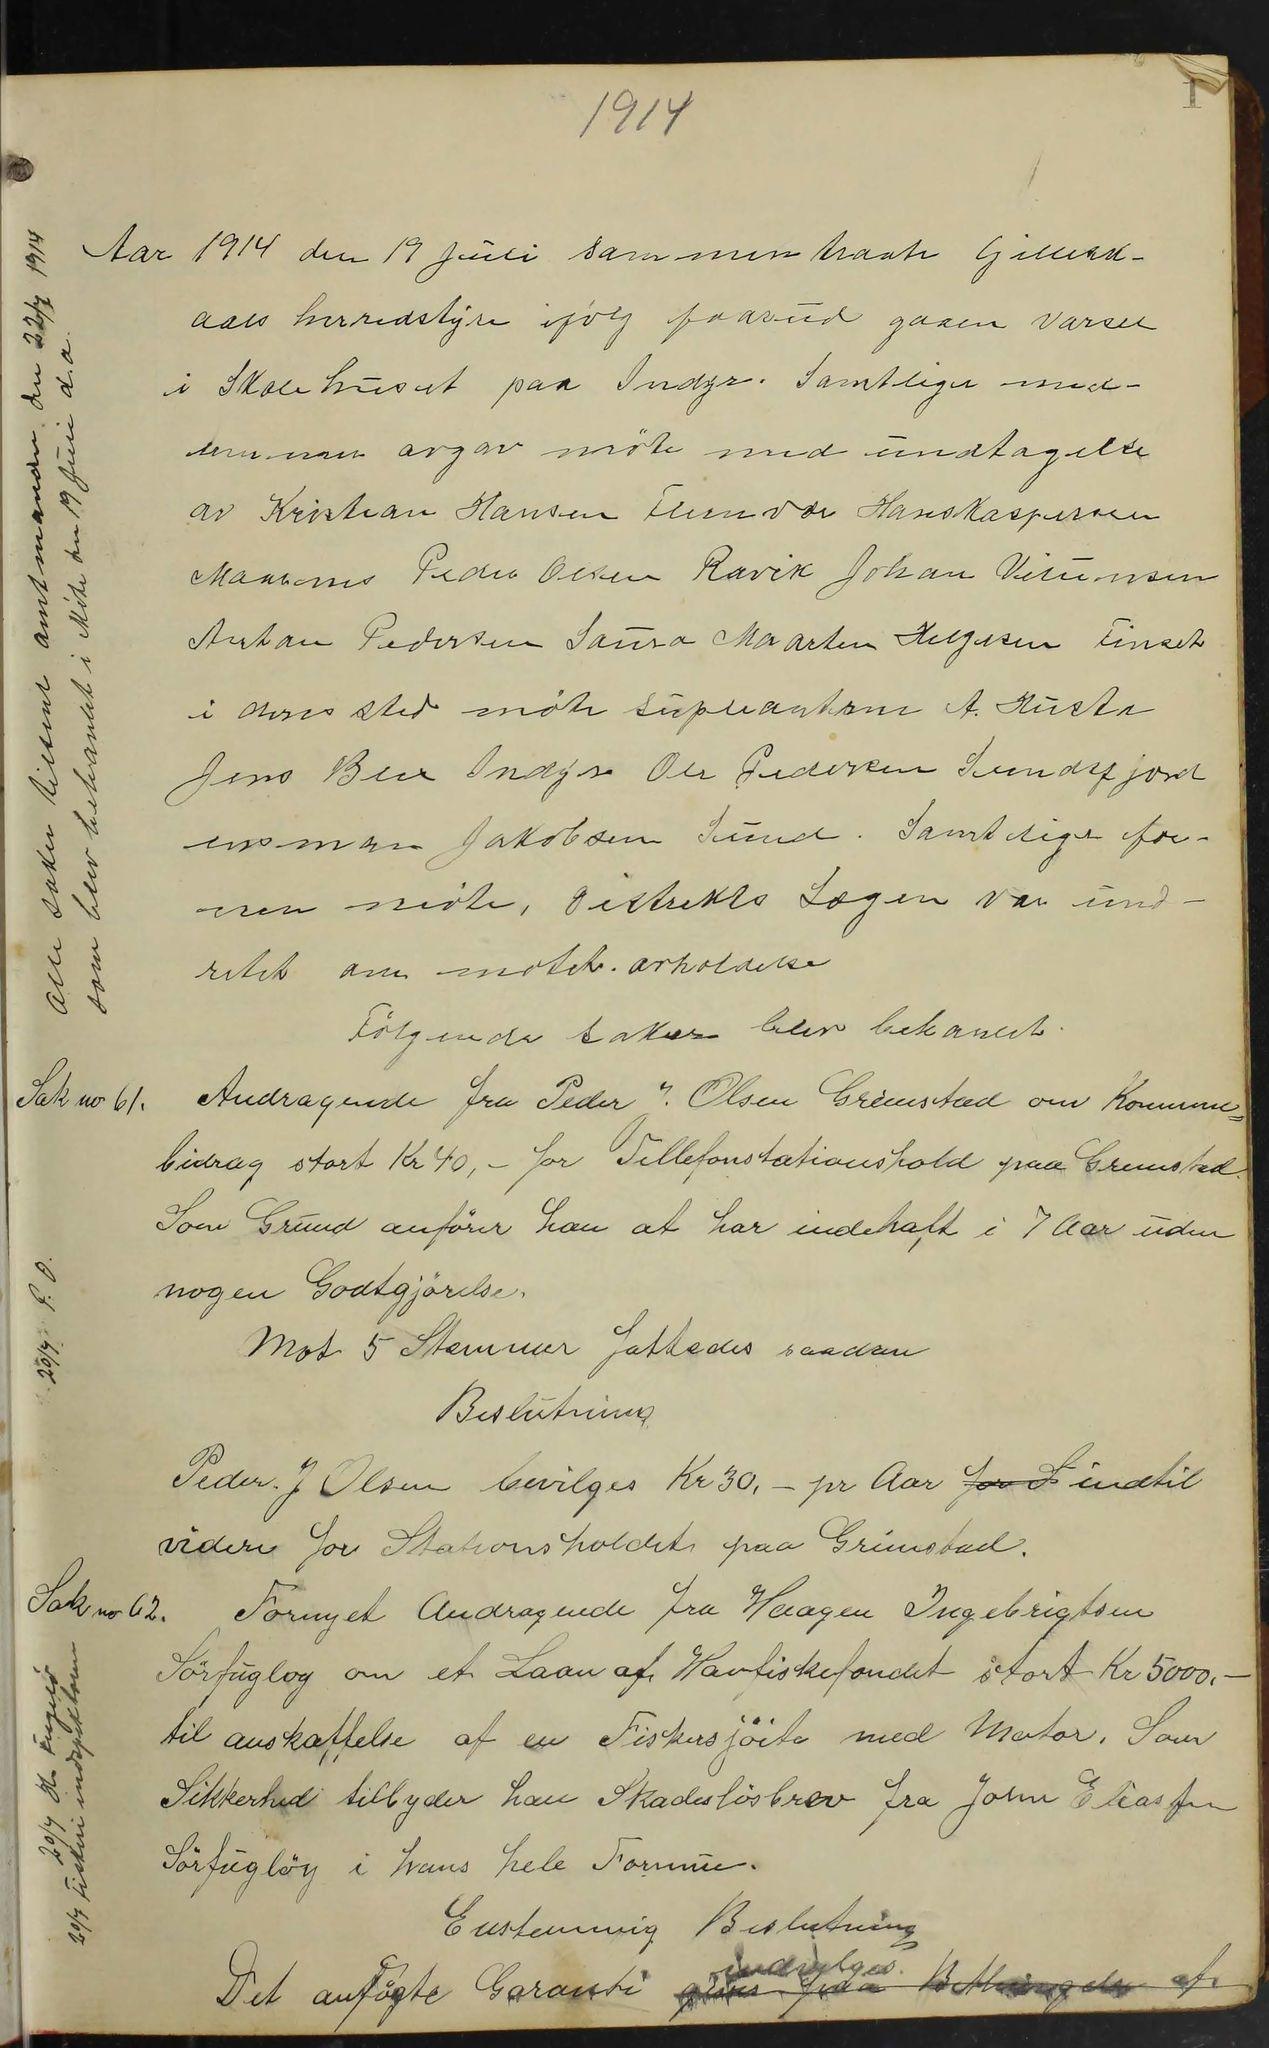 AIN, Gildeskål kommune. Formannskapet, 100/L0004: Møtebok formannskapet, 1914-1918, s. 1